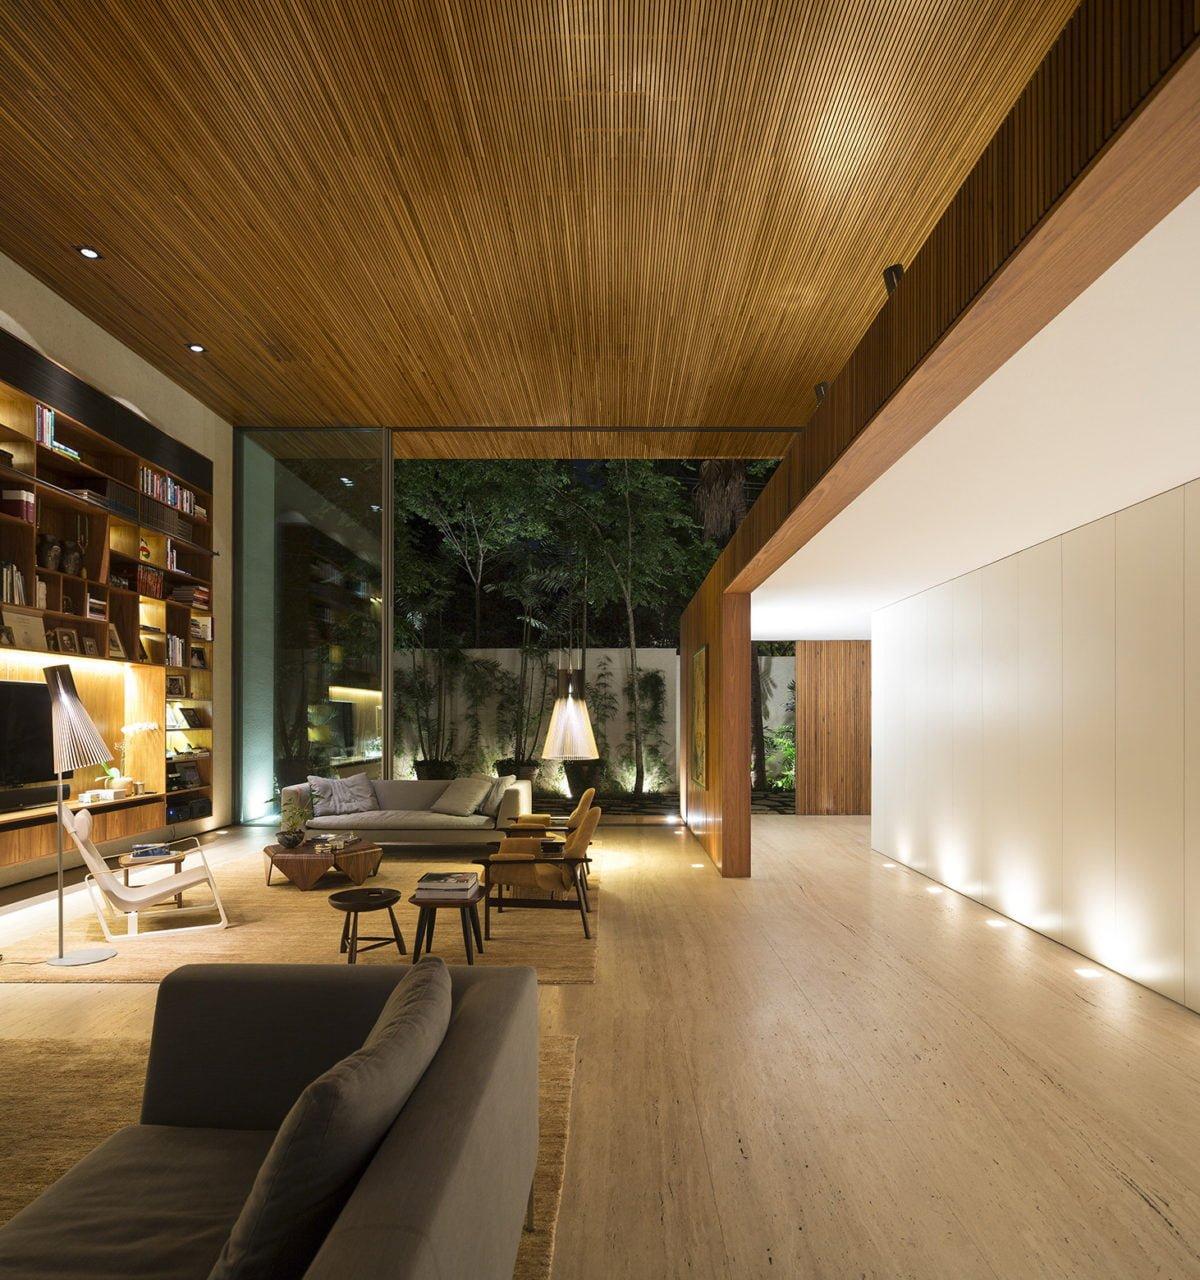 11Tetris-House-In-São-Paulo-Brazil-By-Studiomk27-19